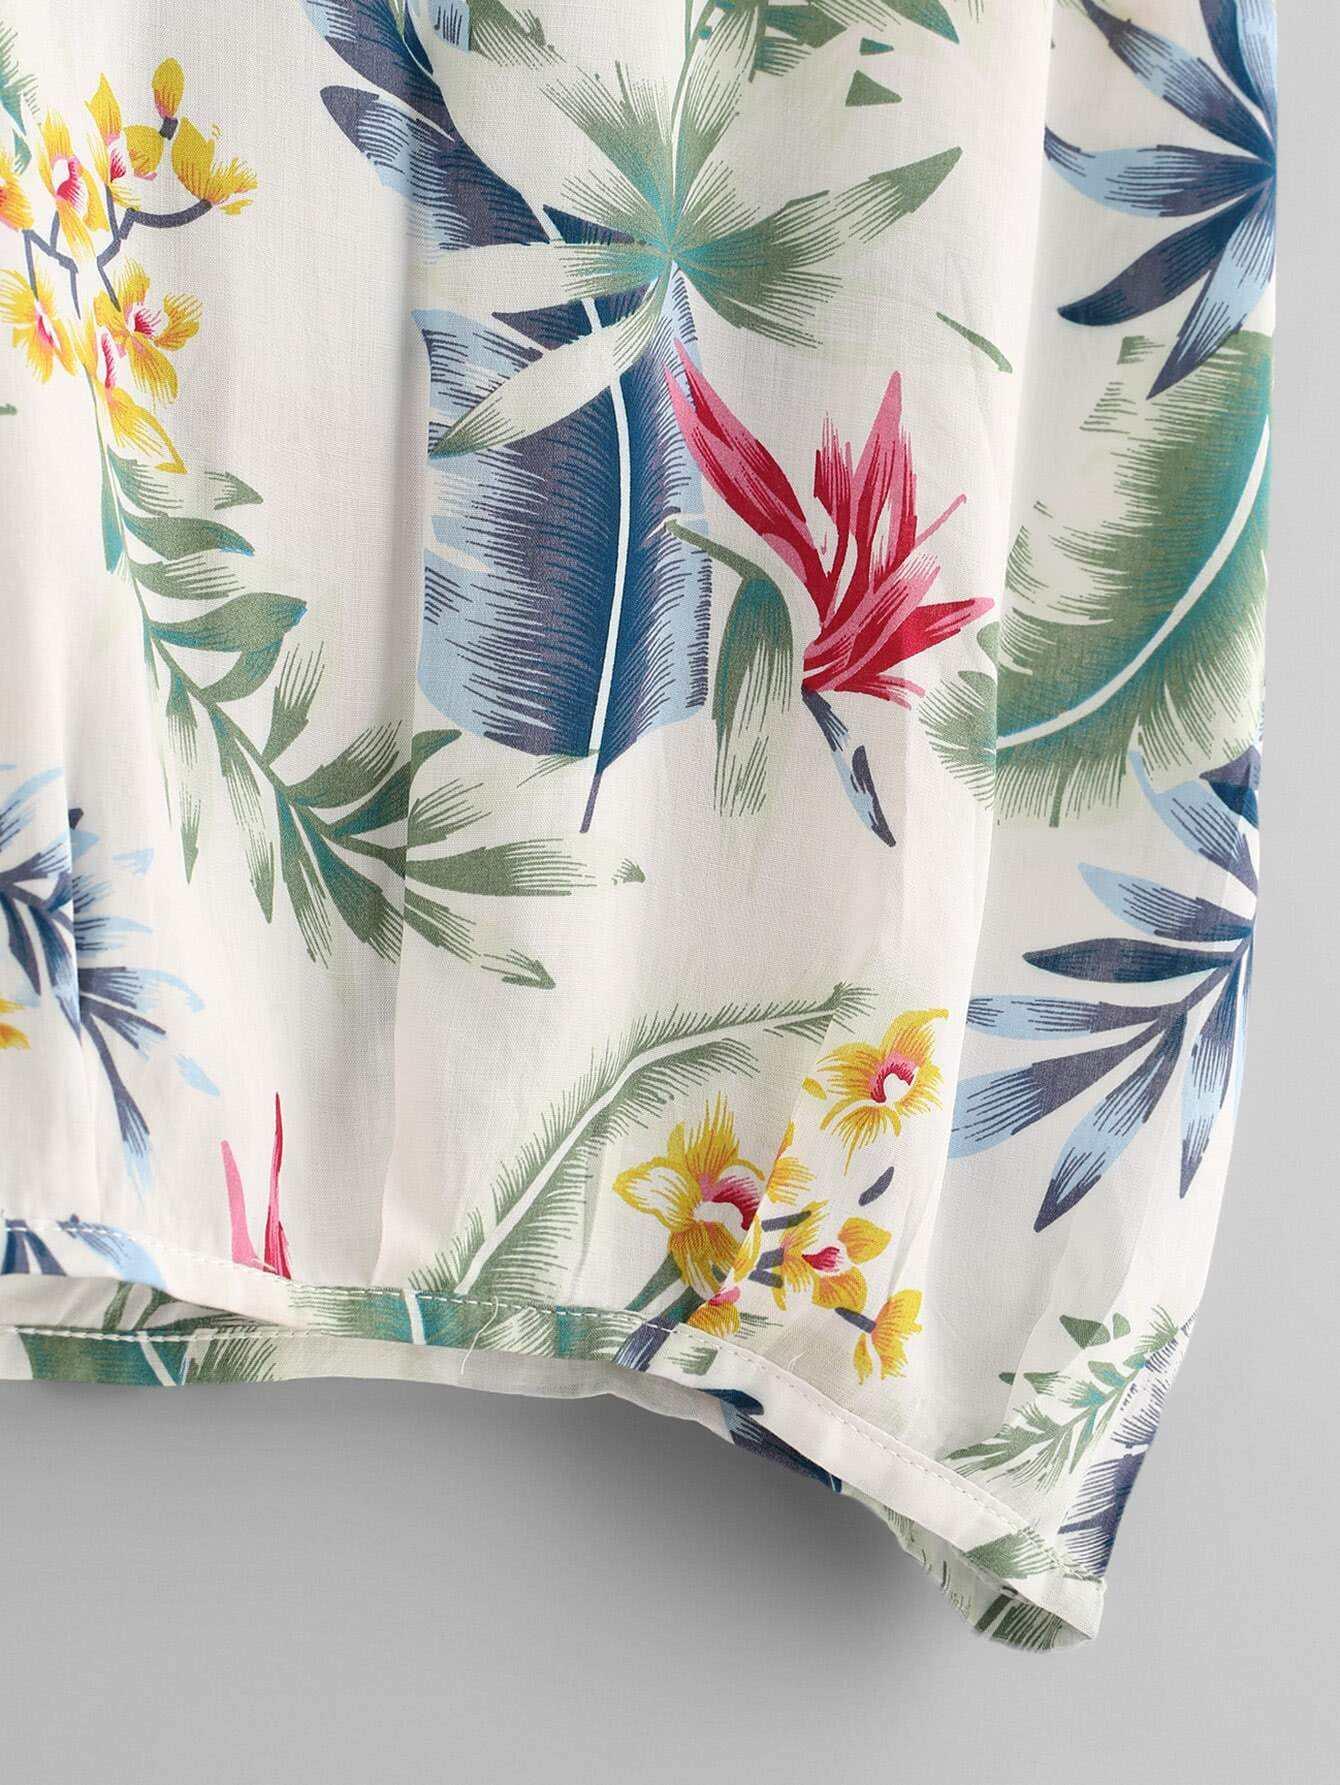 camiseta con estampado tropical - shein espa09a